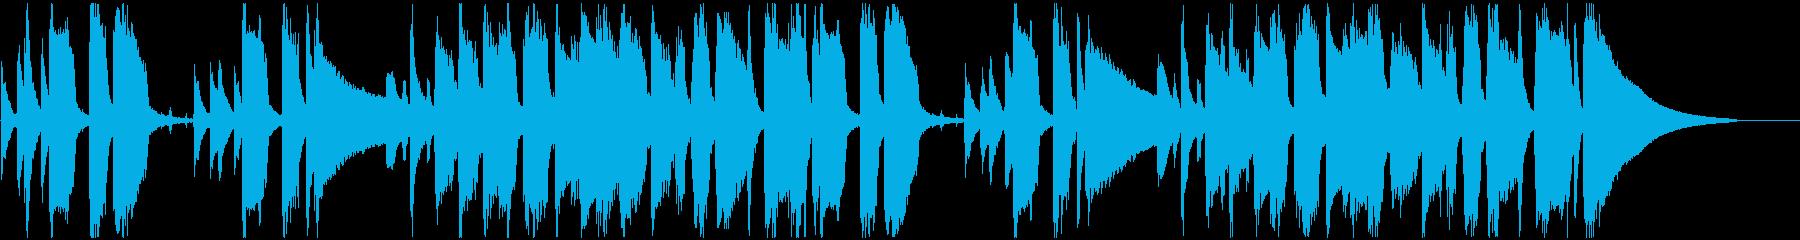 ハッピーで可愛らしいポップなサウンドロゴの再生済みの波形